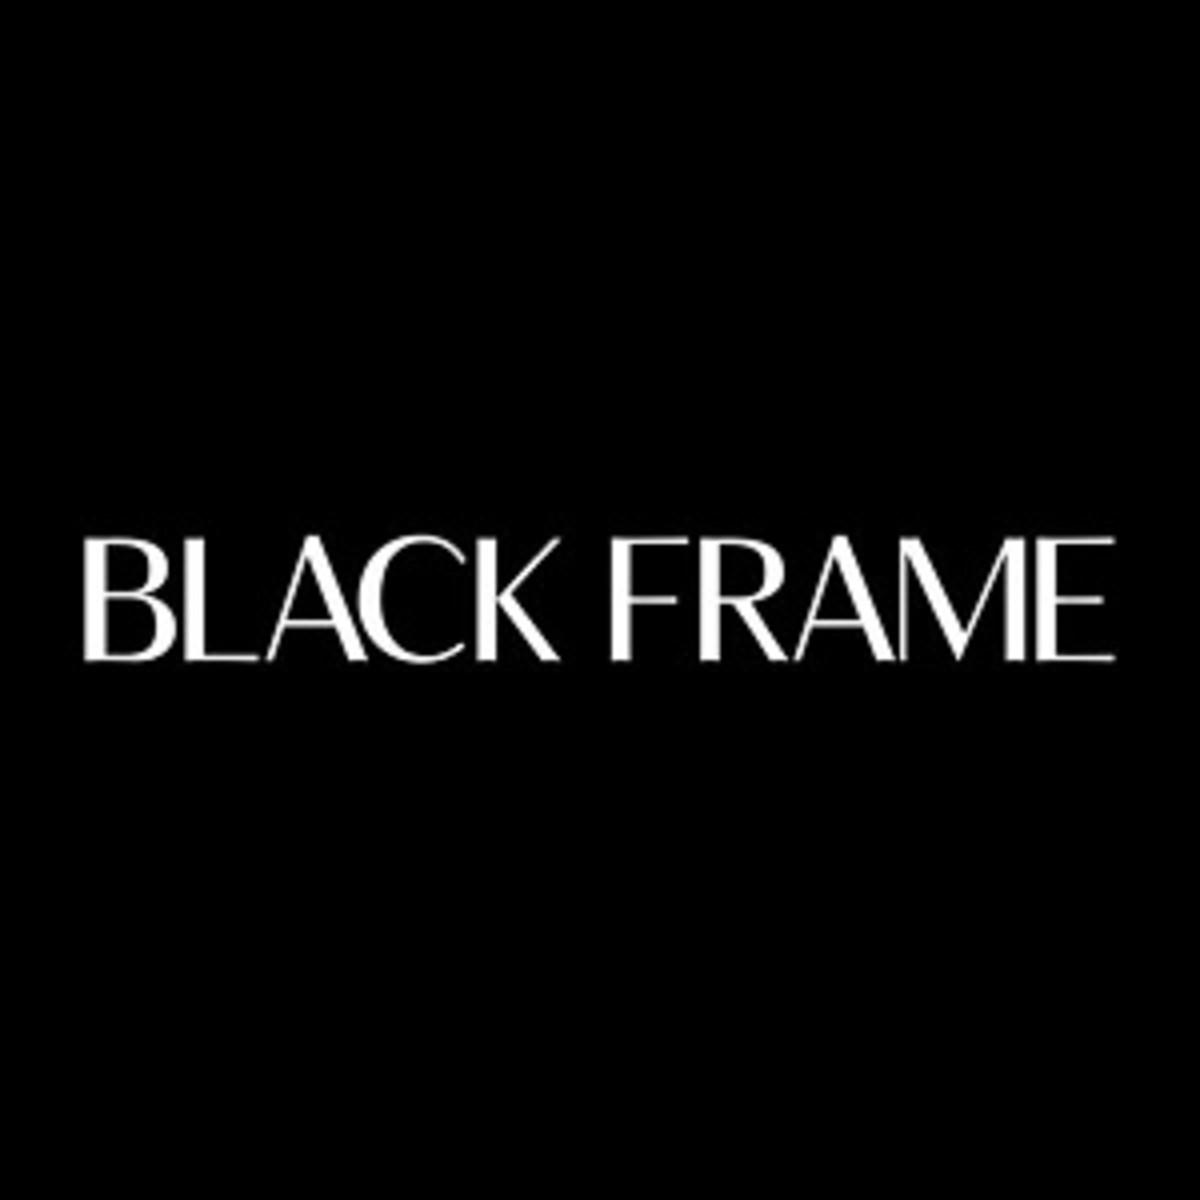 Black Frame logo.jpg